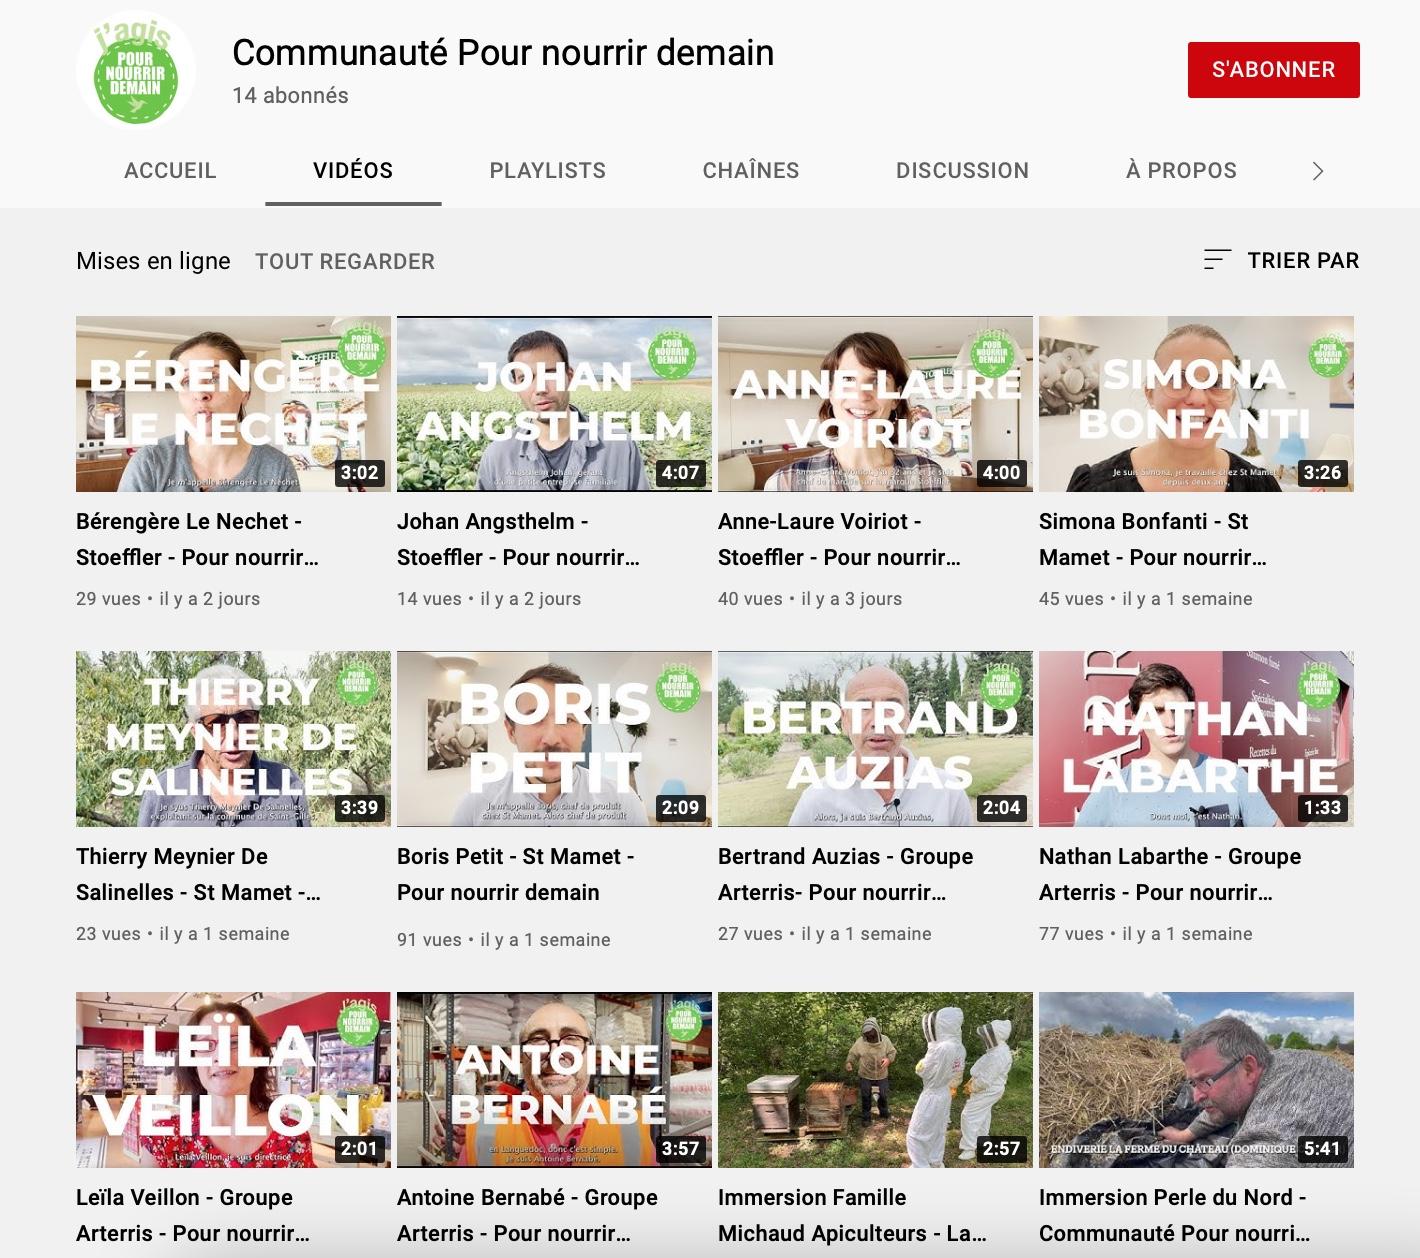 Capture decran 2021 10 03 a 20.41.01 - La Communauté Pour nourrir demain lance sa chaîne Youtube